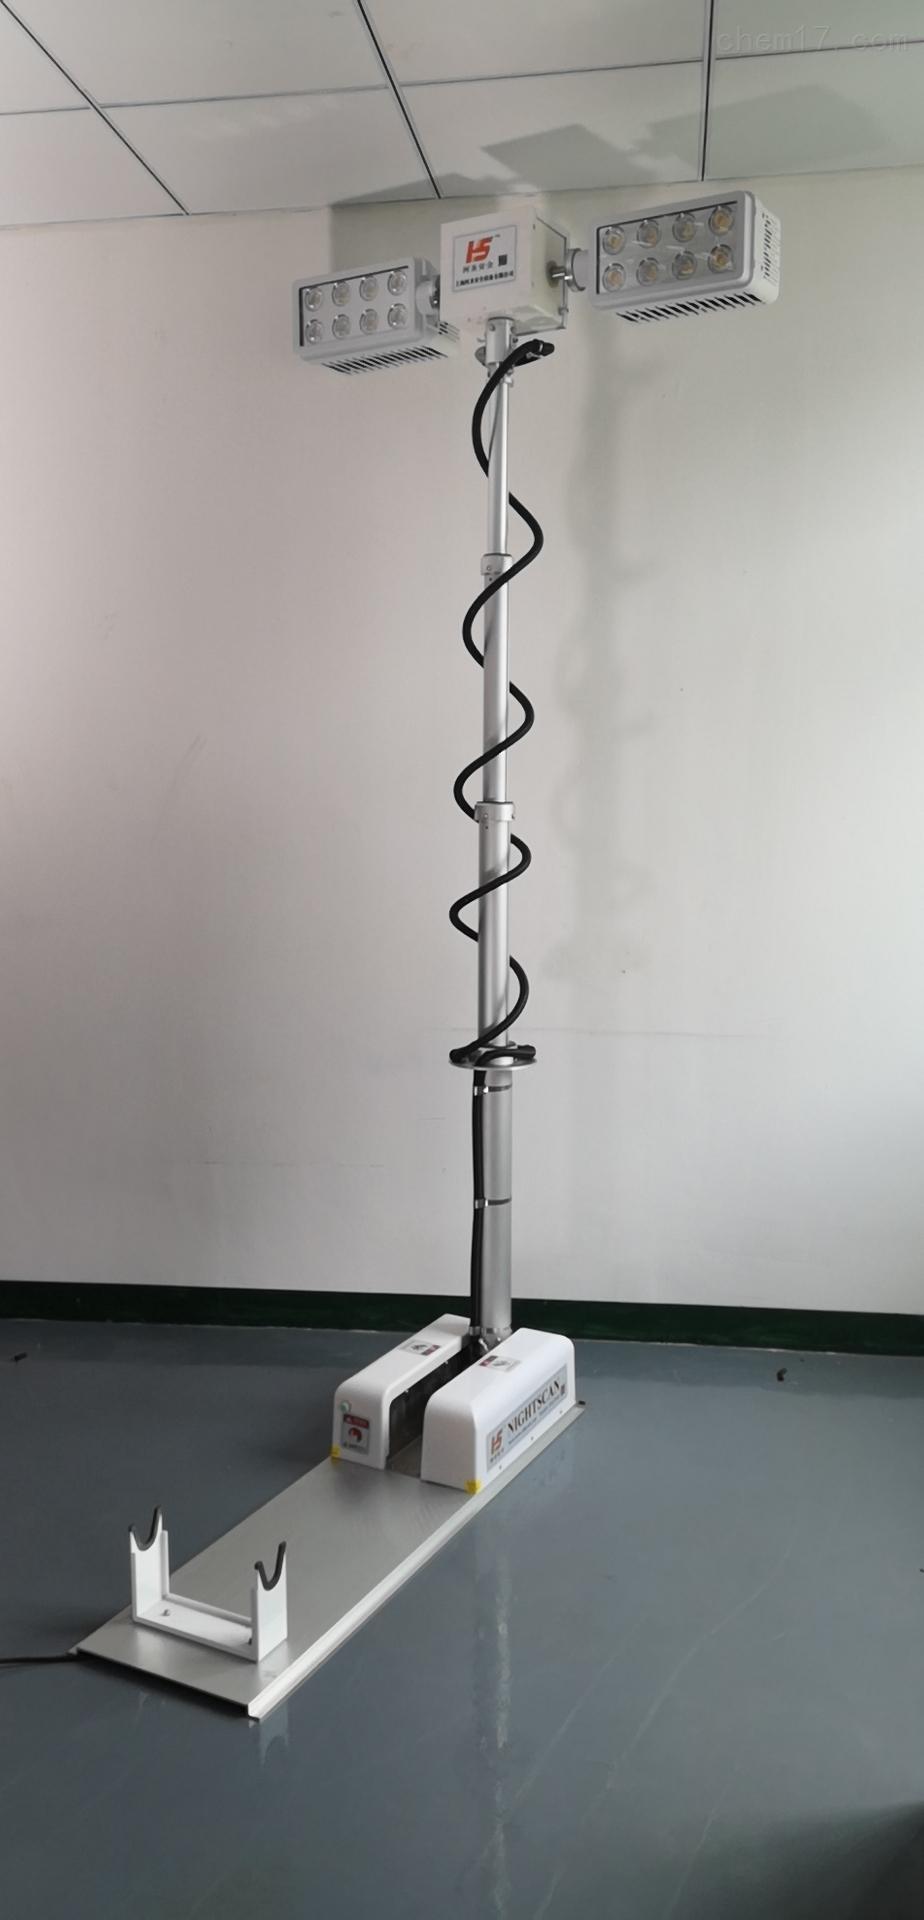 曲臂升降照明代发加工汽车遥控升降工作灯